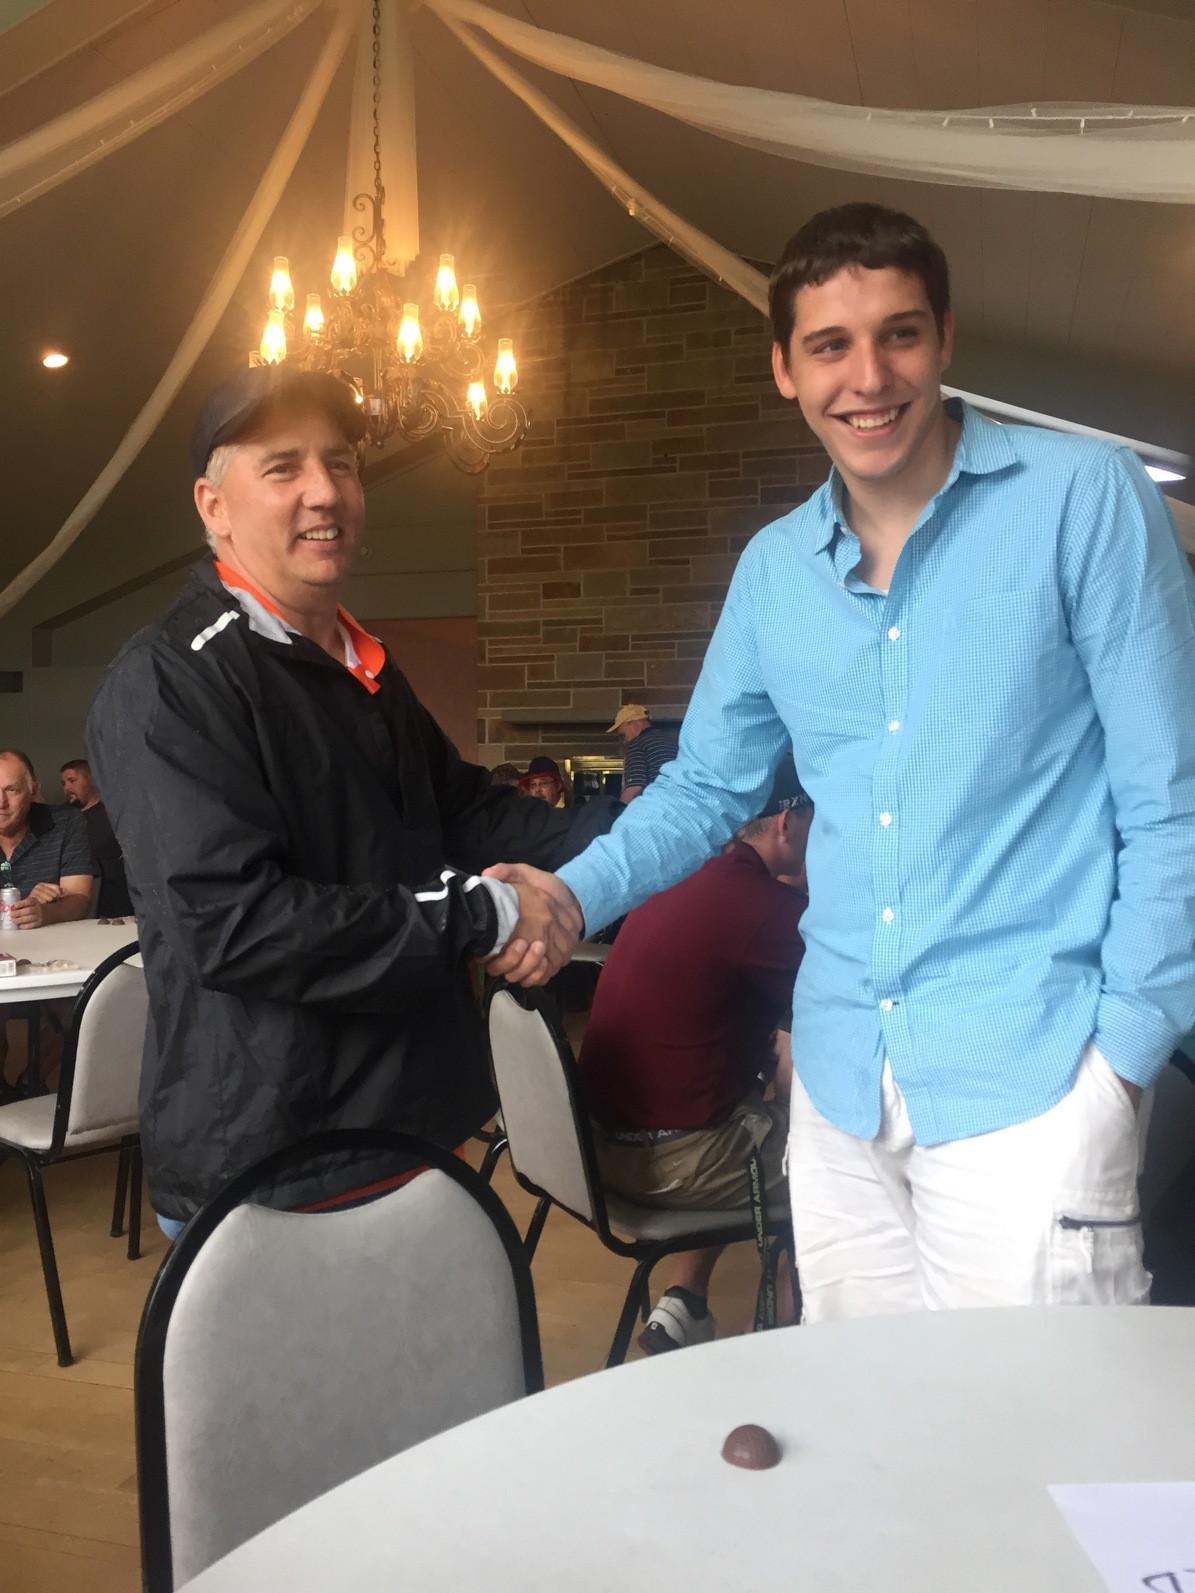 Brandon's dad meets bone marrow donor.